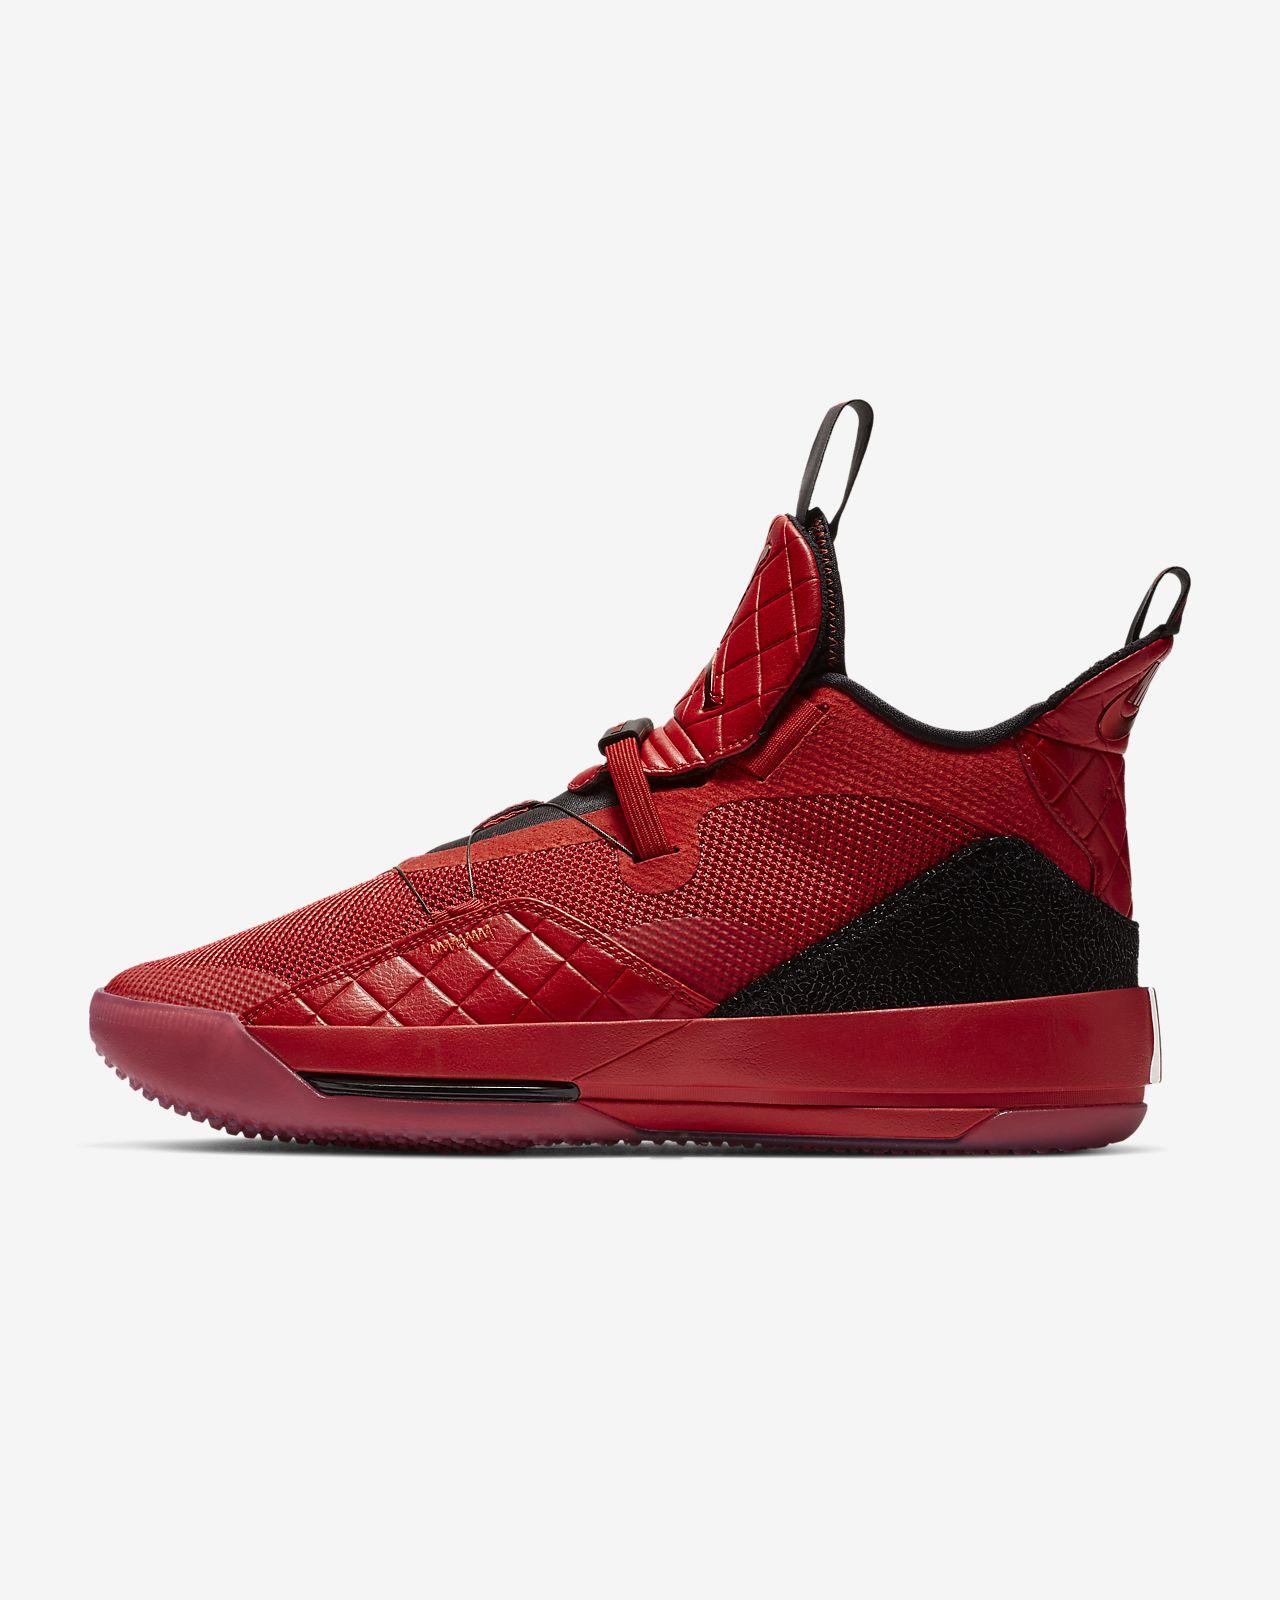 promo code 137cb 452f0 ... Chaussure de basketball Air Jordan XXXIII